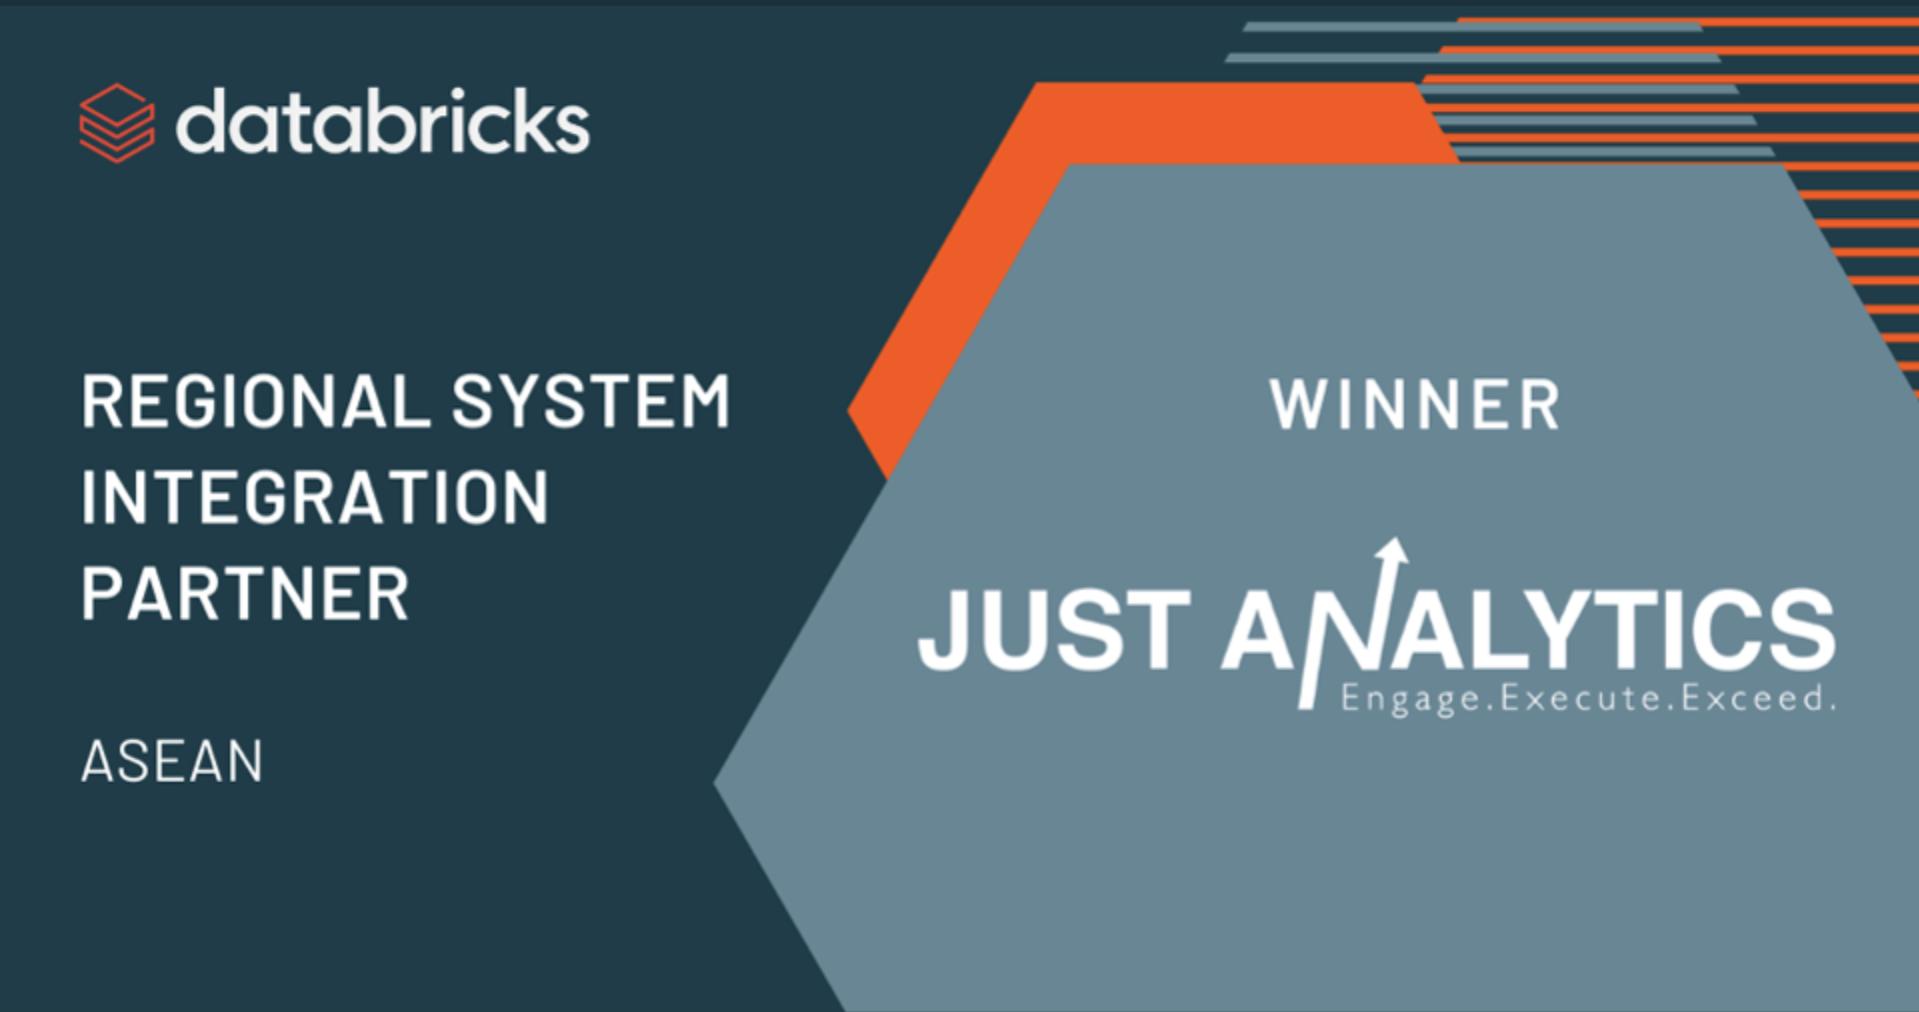 Just Analytics Wins Databricks' ASEAN Regional System Integration Partner Award